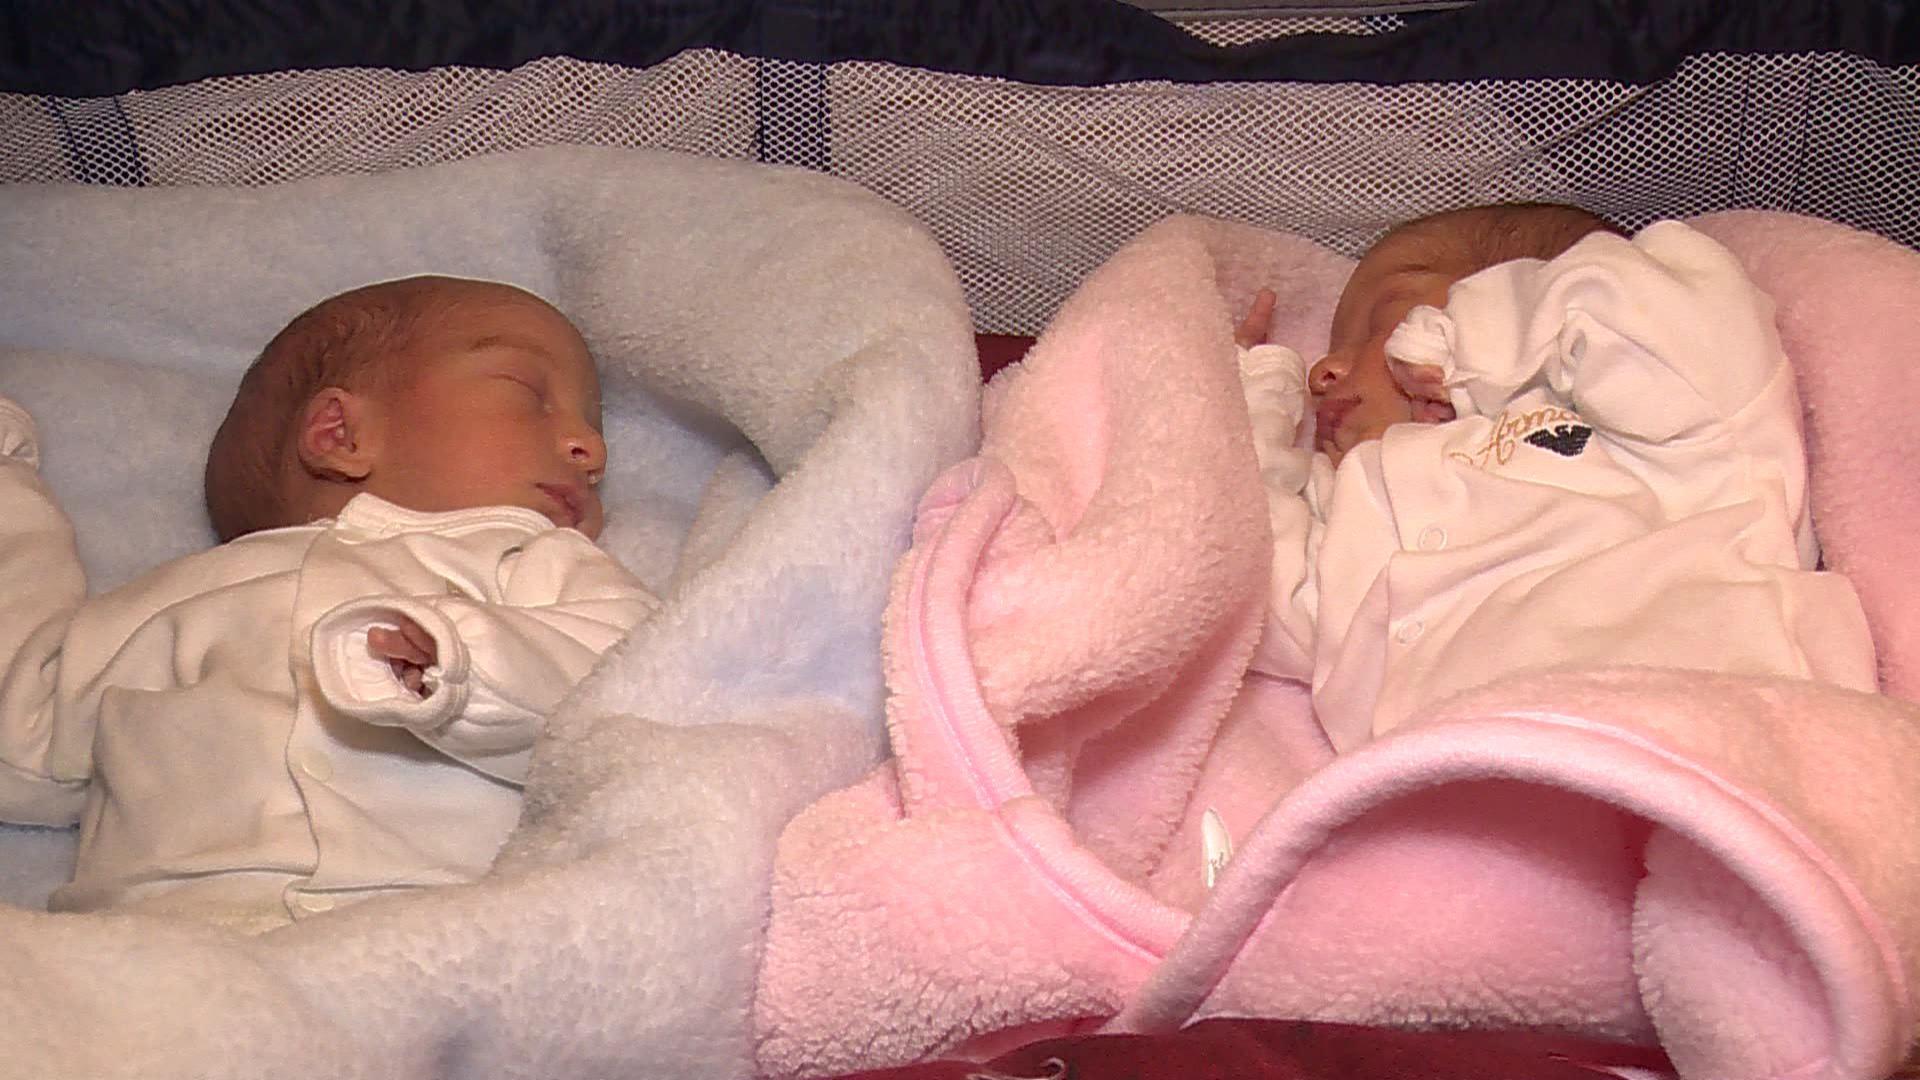 ბათუმში დაბადებულ სამ ტყუპს  3 000 ლარი გადაეცა